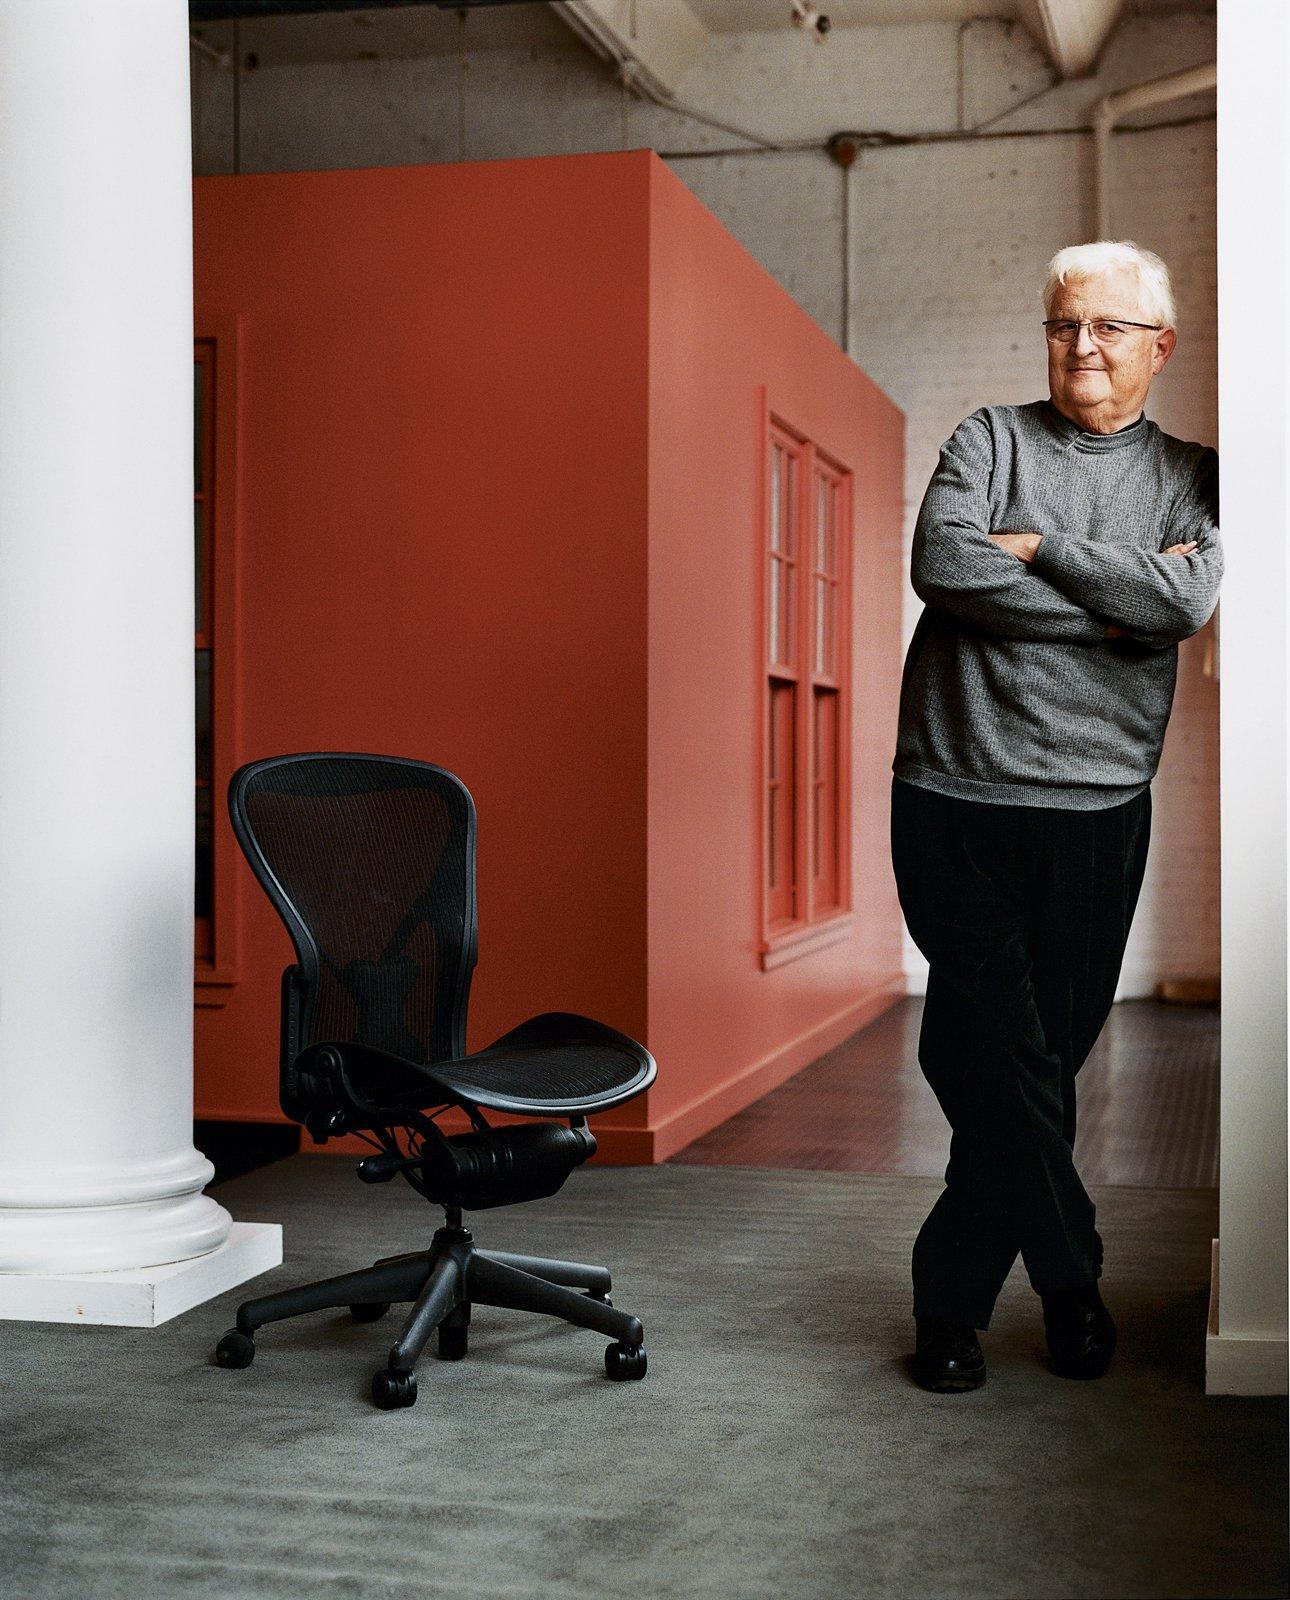 Bill Stumpf Reviews 5 Modern Desks - Photo 1 of 1